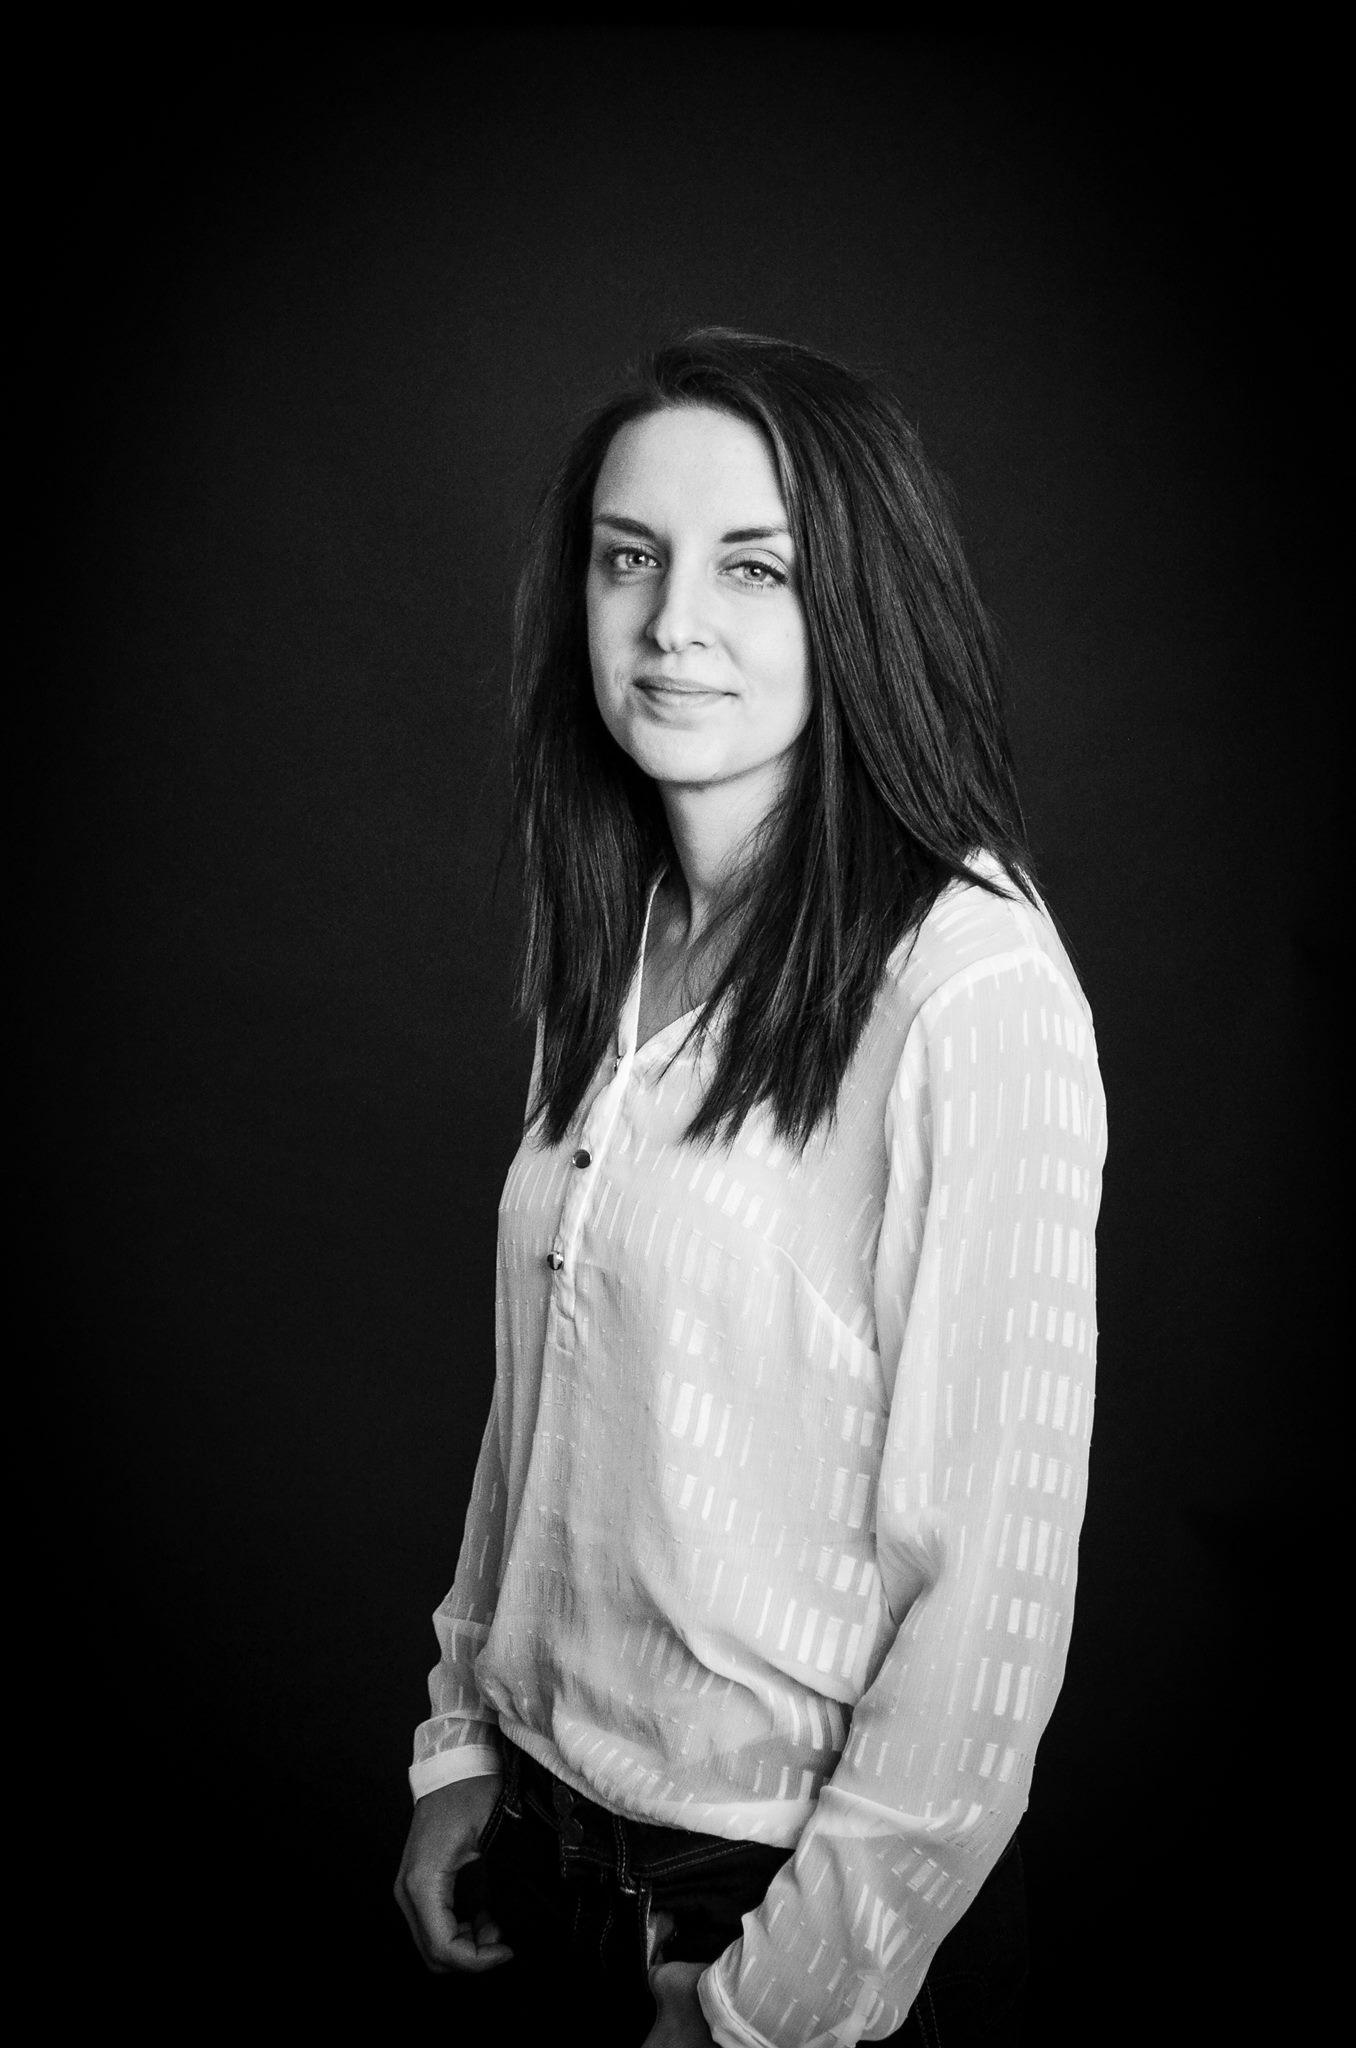 Kate Rosinski